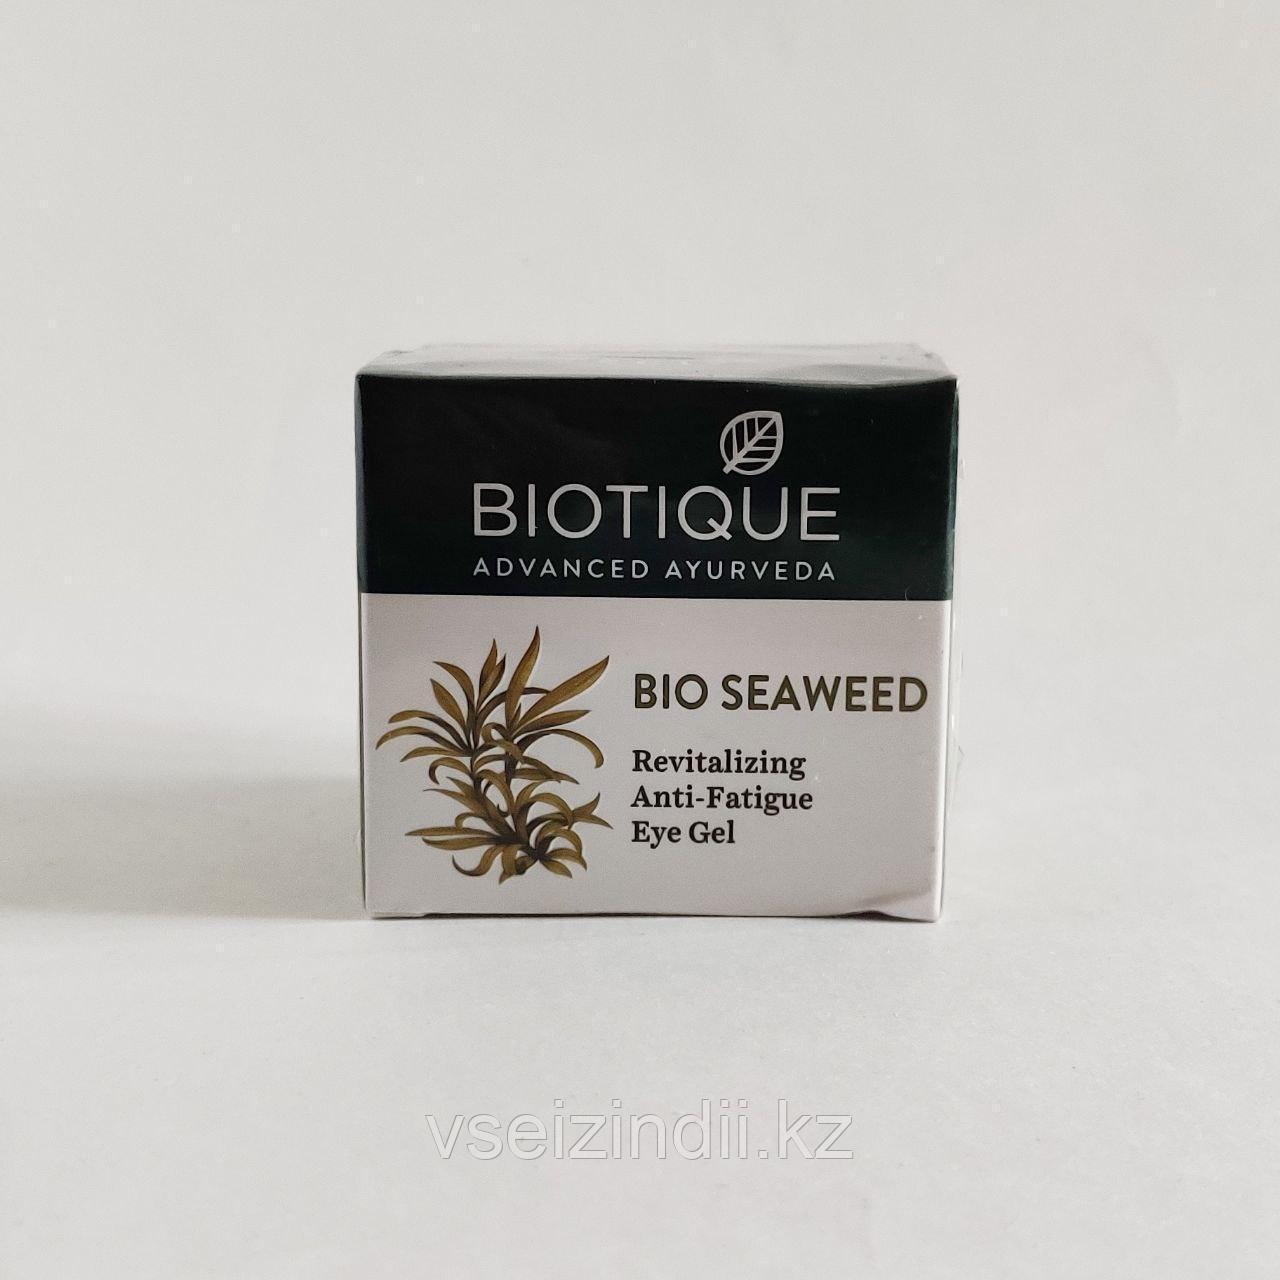 Омолаживающий и тонизирующий гель для век Биотик «Био Водоросли» (Biotique Bio Seaweed), 25 гр